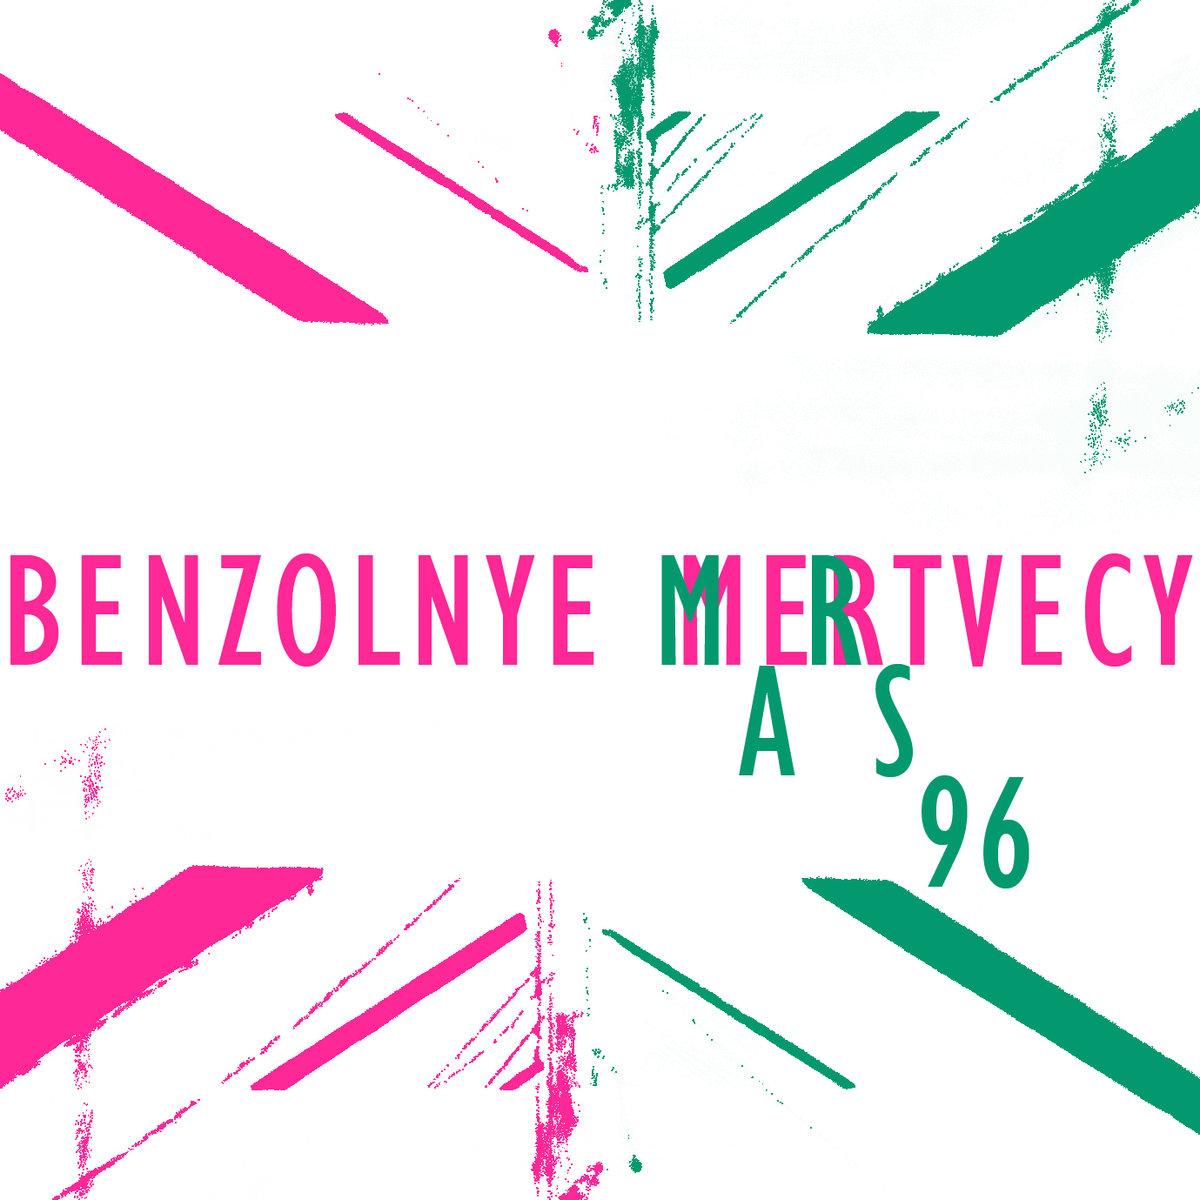 Benzolnye Mertvecy / Mars-96 - Split